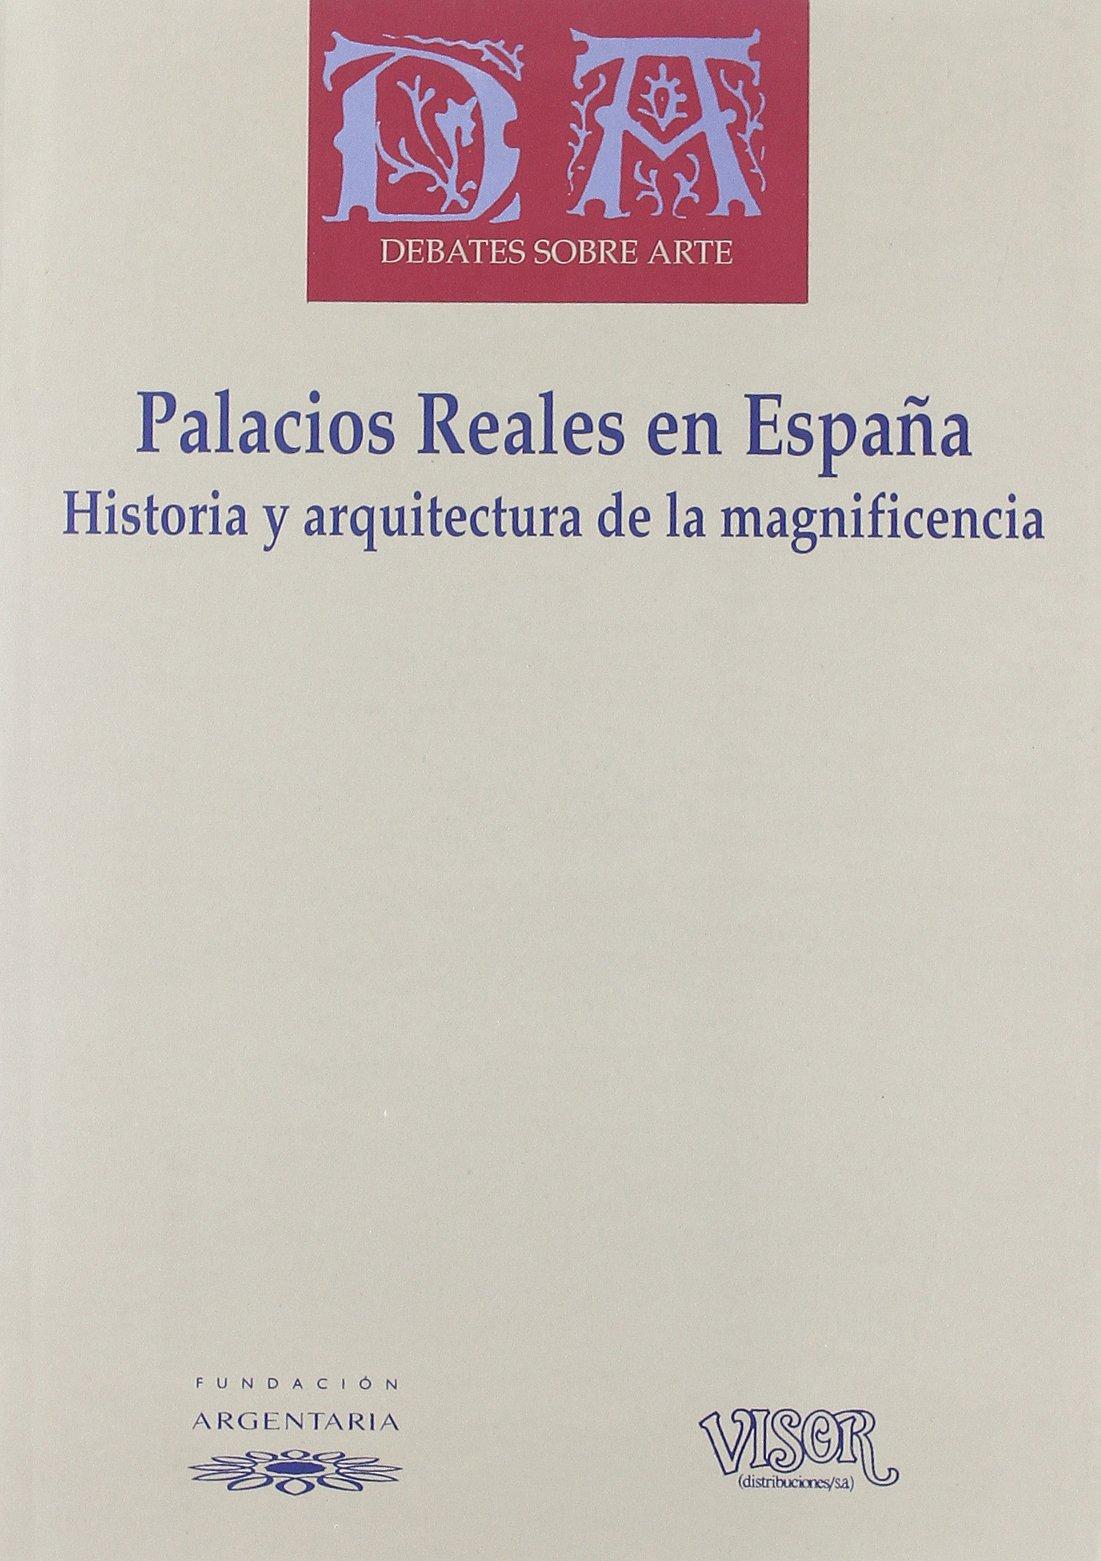 PALACIOS REALES EN ESPAÑA.HISTORIA Y ARQUITECTURA MAGNIFICIE: Amazon.es: VVAA: Libros